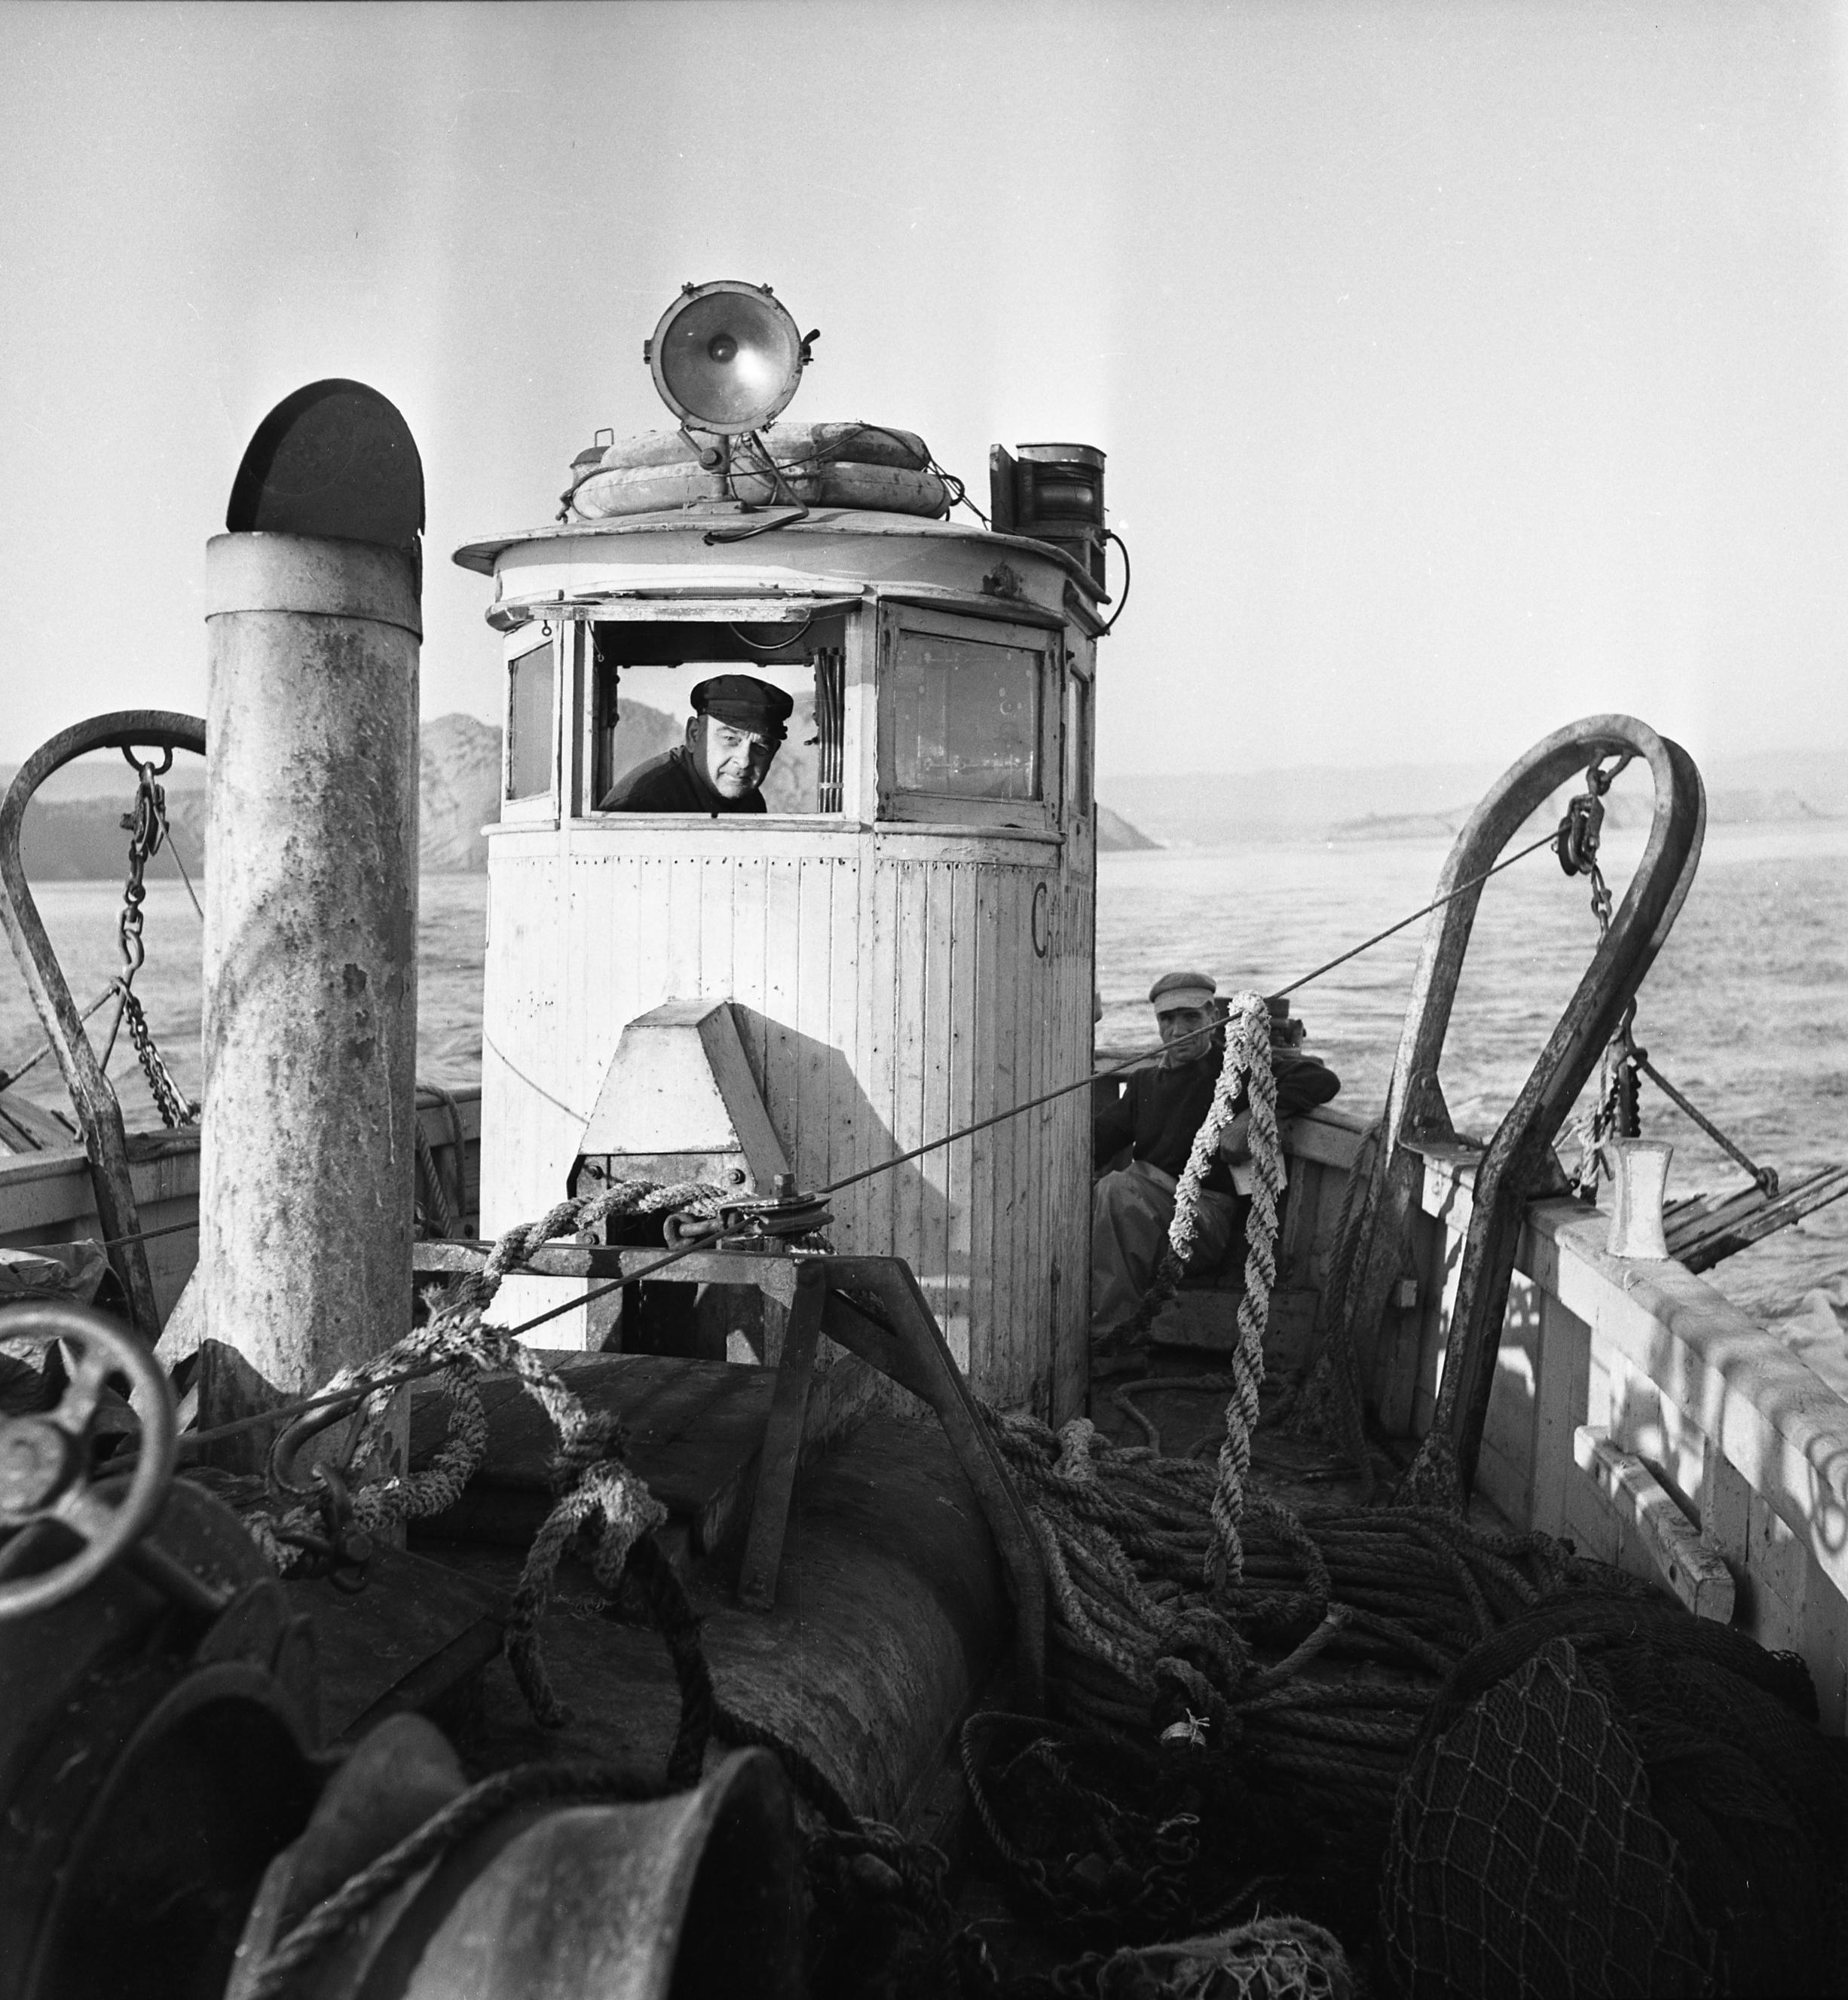 27 Fi 3017 - Départ du patron pêcheur Fornasero dans sa cabine pour une belle journée de pêche. 19/08/1954